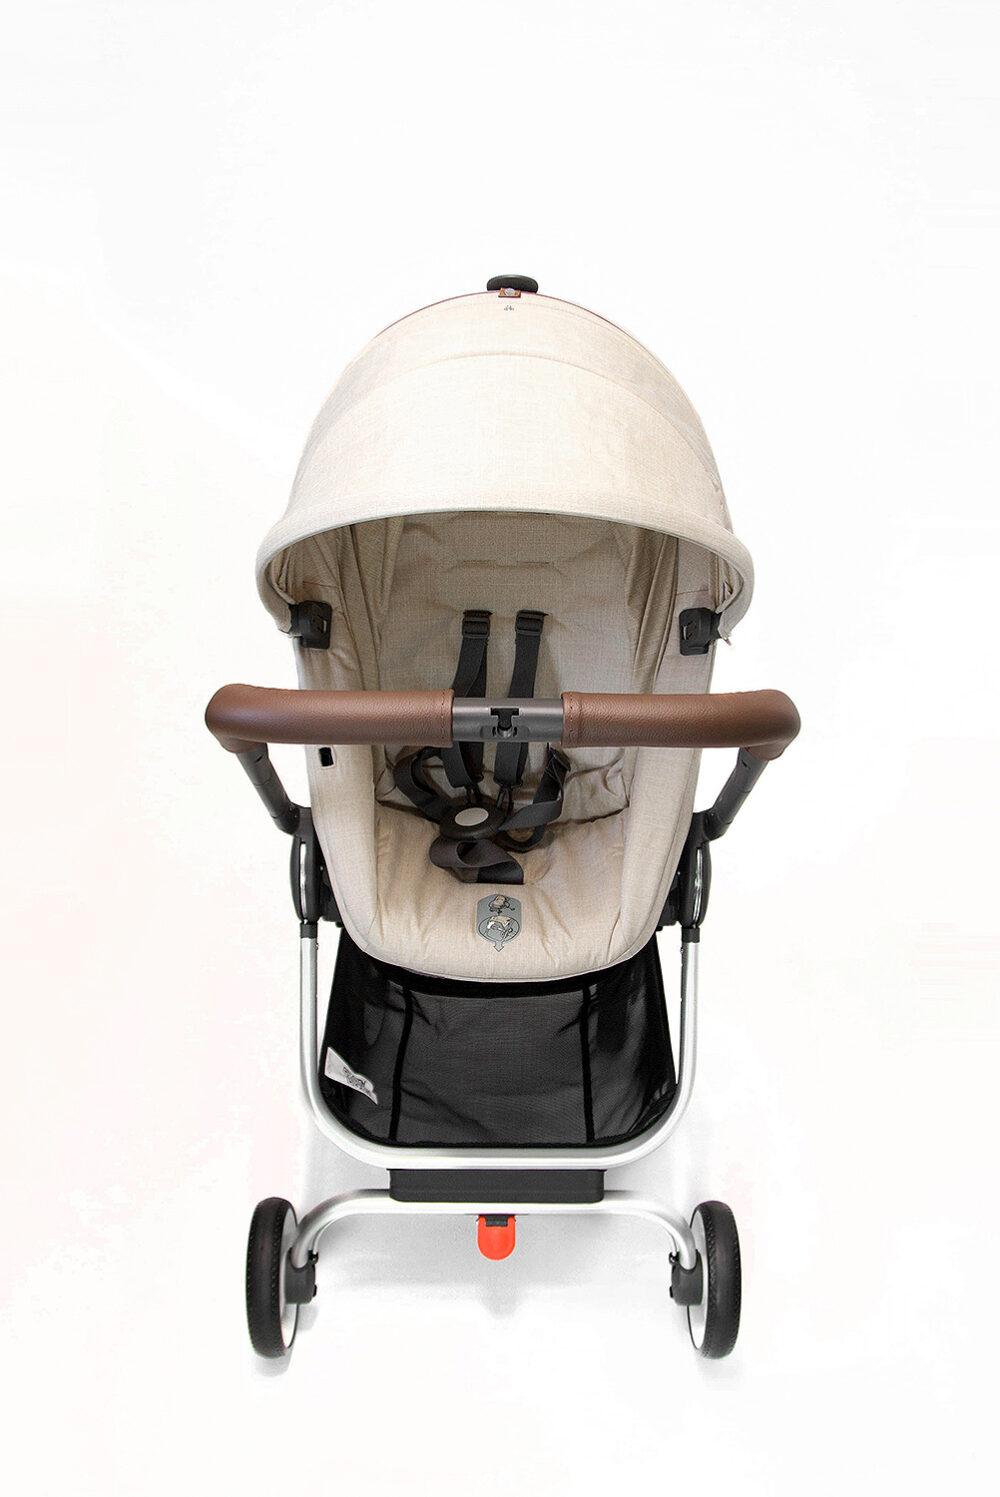 SONDERANFERTIGUNG: Griffschoner zum Schnüren - Kinderwagen mit 2-geteiltem Schaumstoffgriff